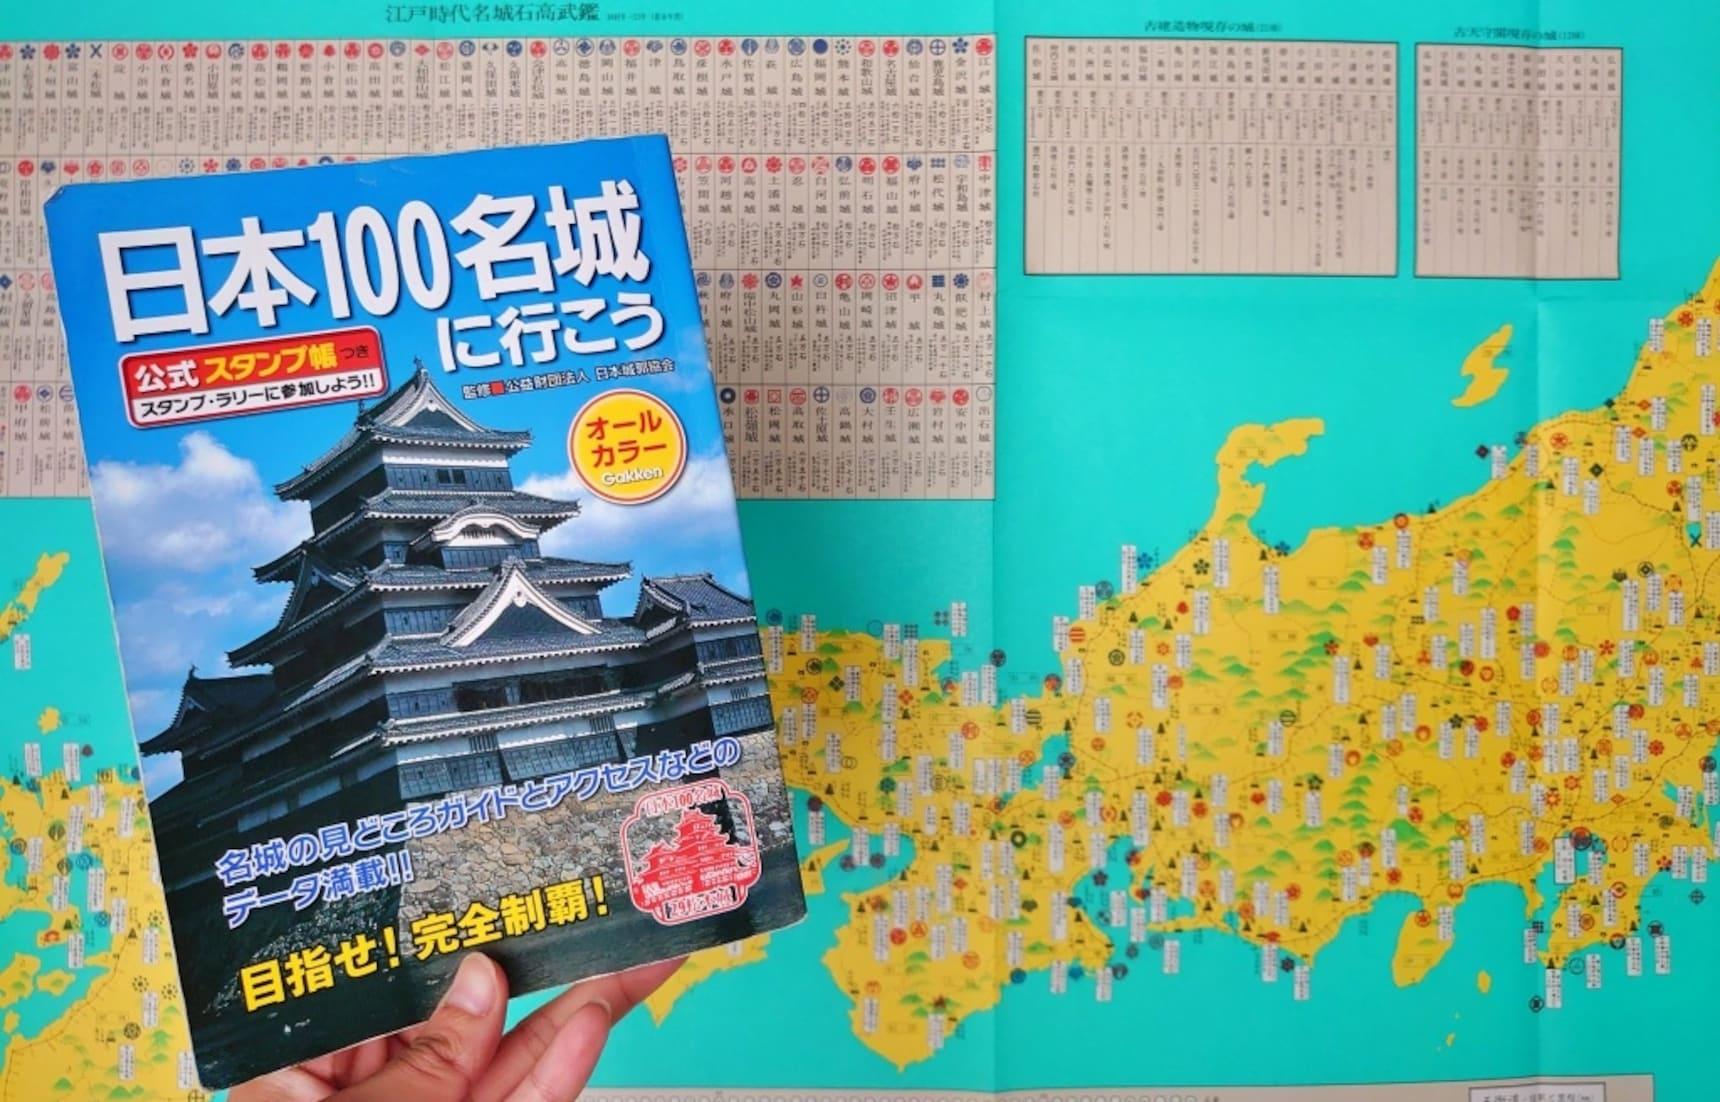 歷男歷女攻城去!制霸日本城必備《日本100名城》導覽書集章冊